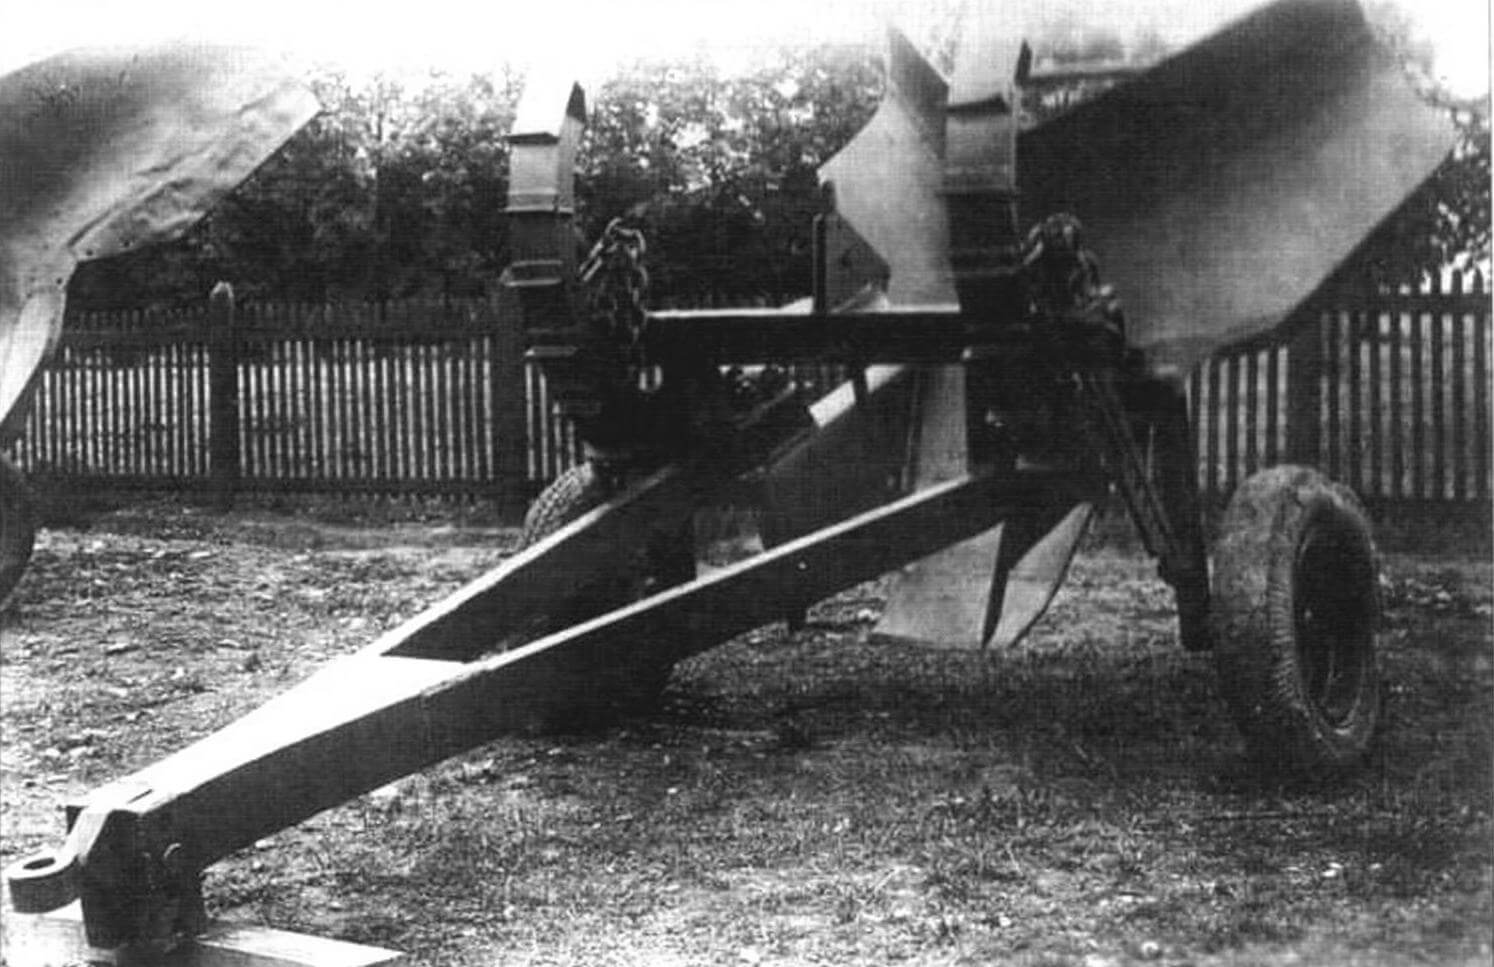 Прицепной плужный траншеекопатель ПЛТ-60